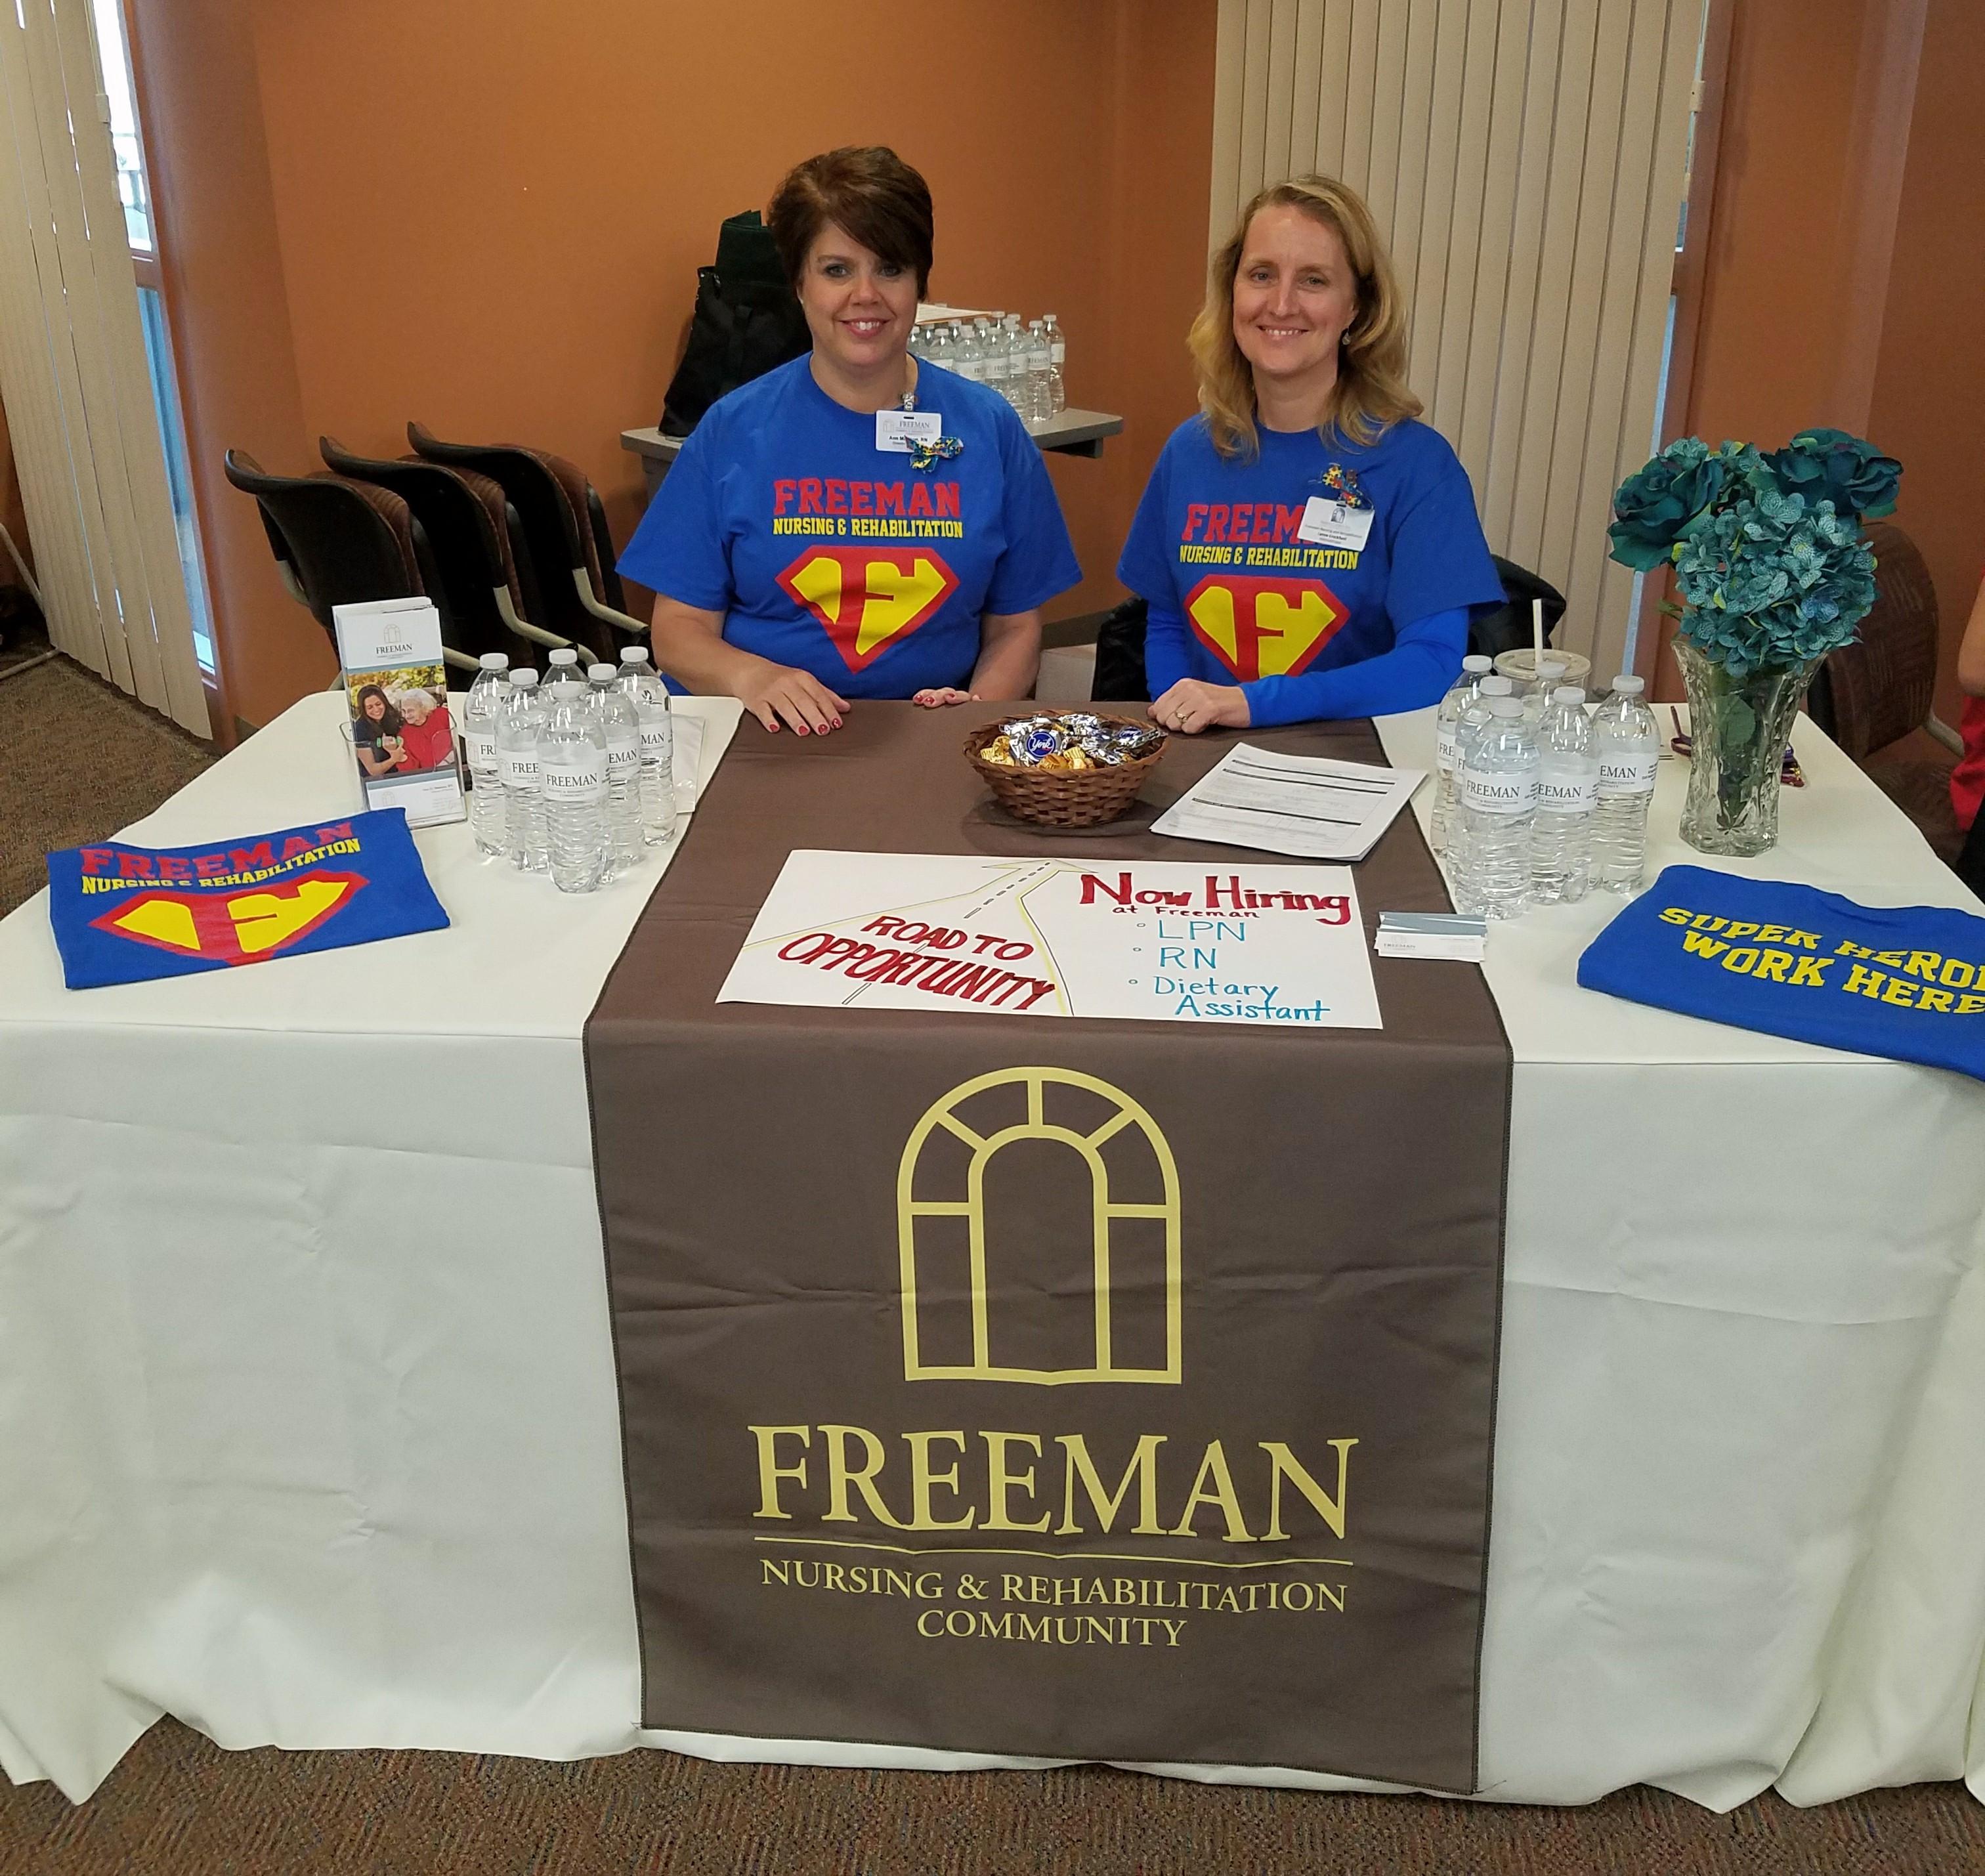 Freemans Expo